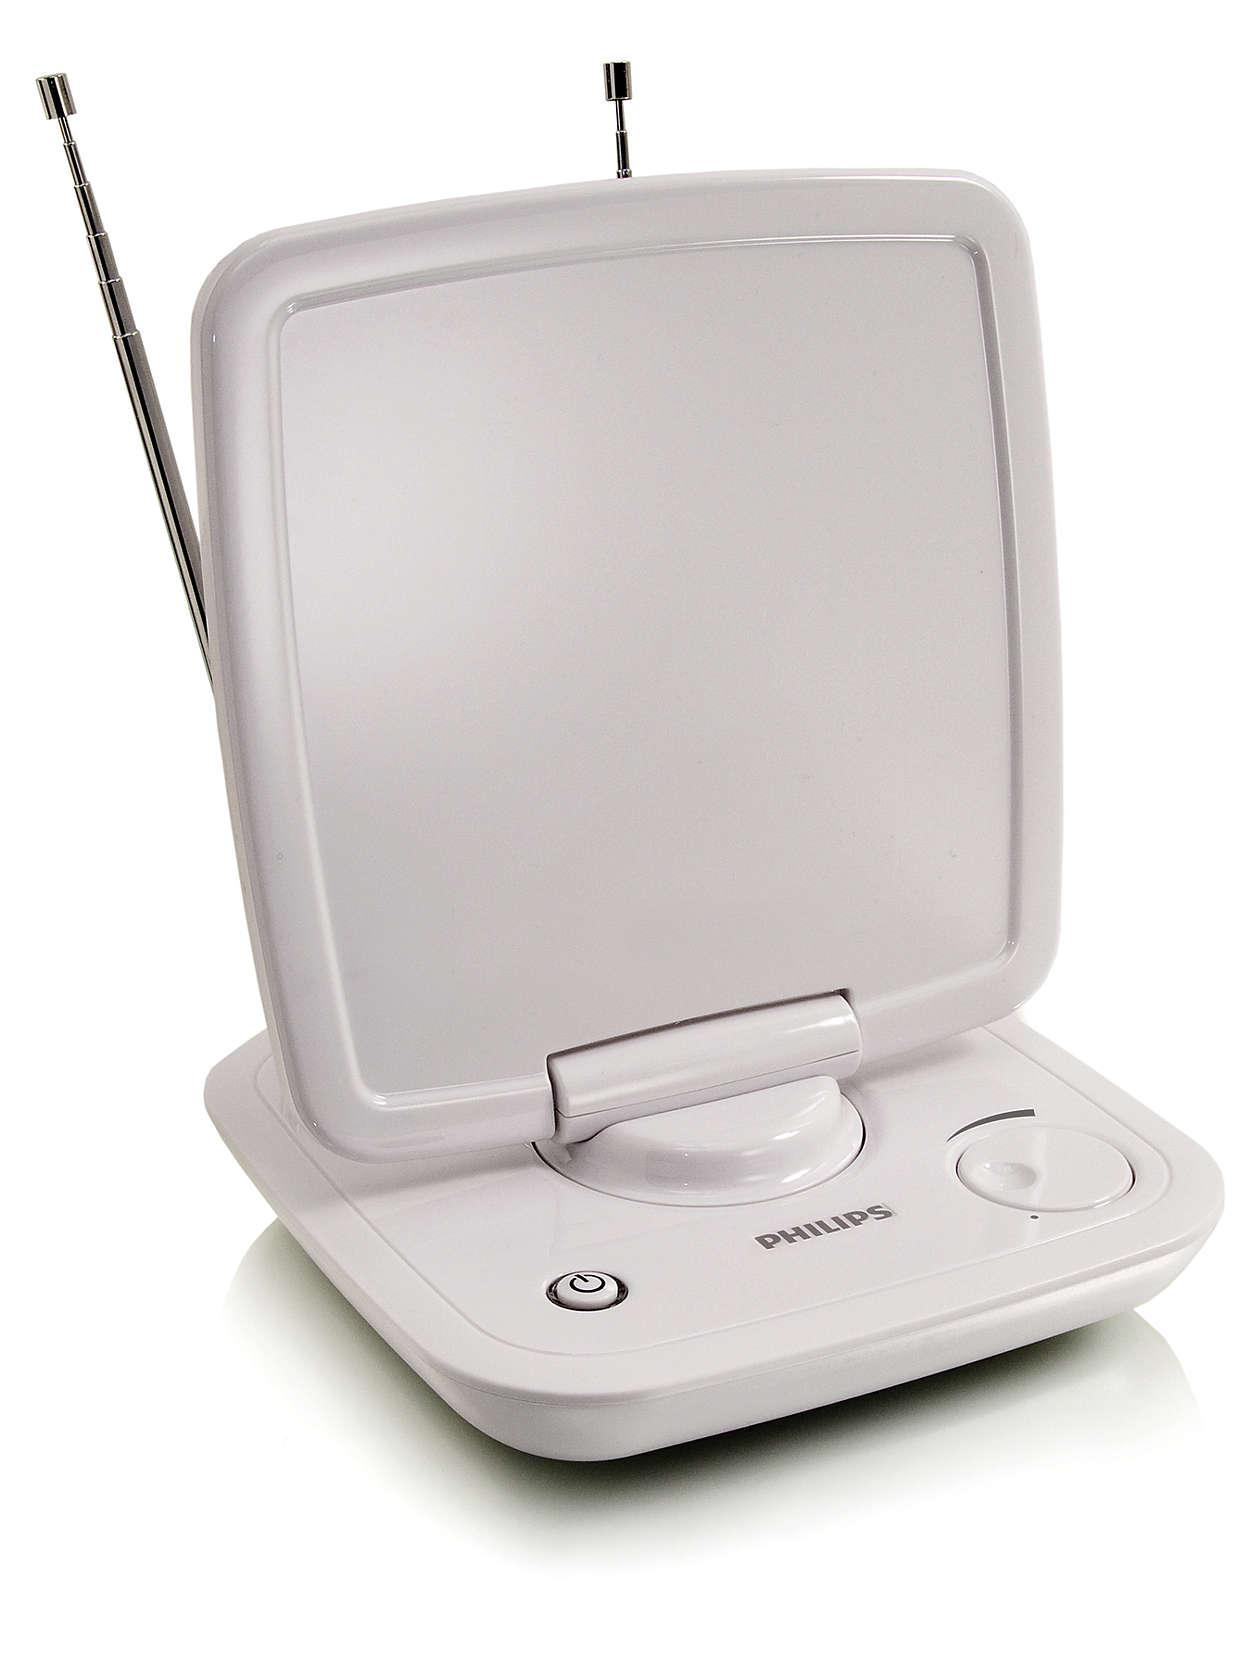 Profitez d'une excellente qualité de son et d'image numériques